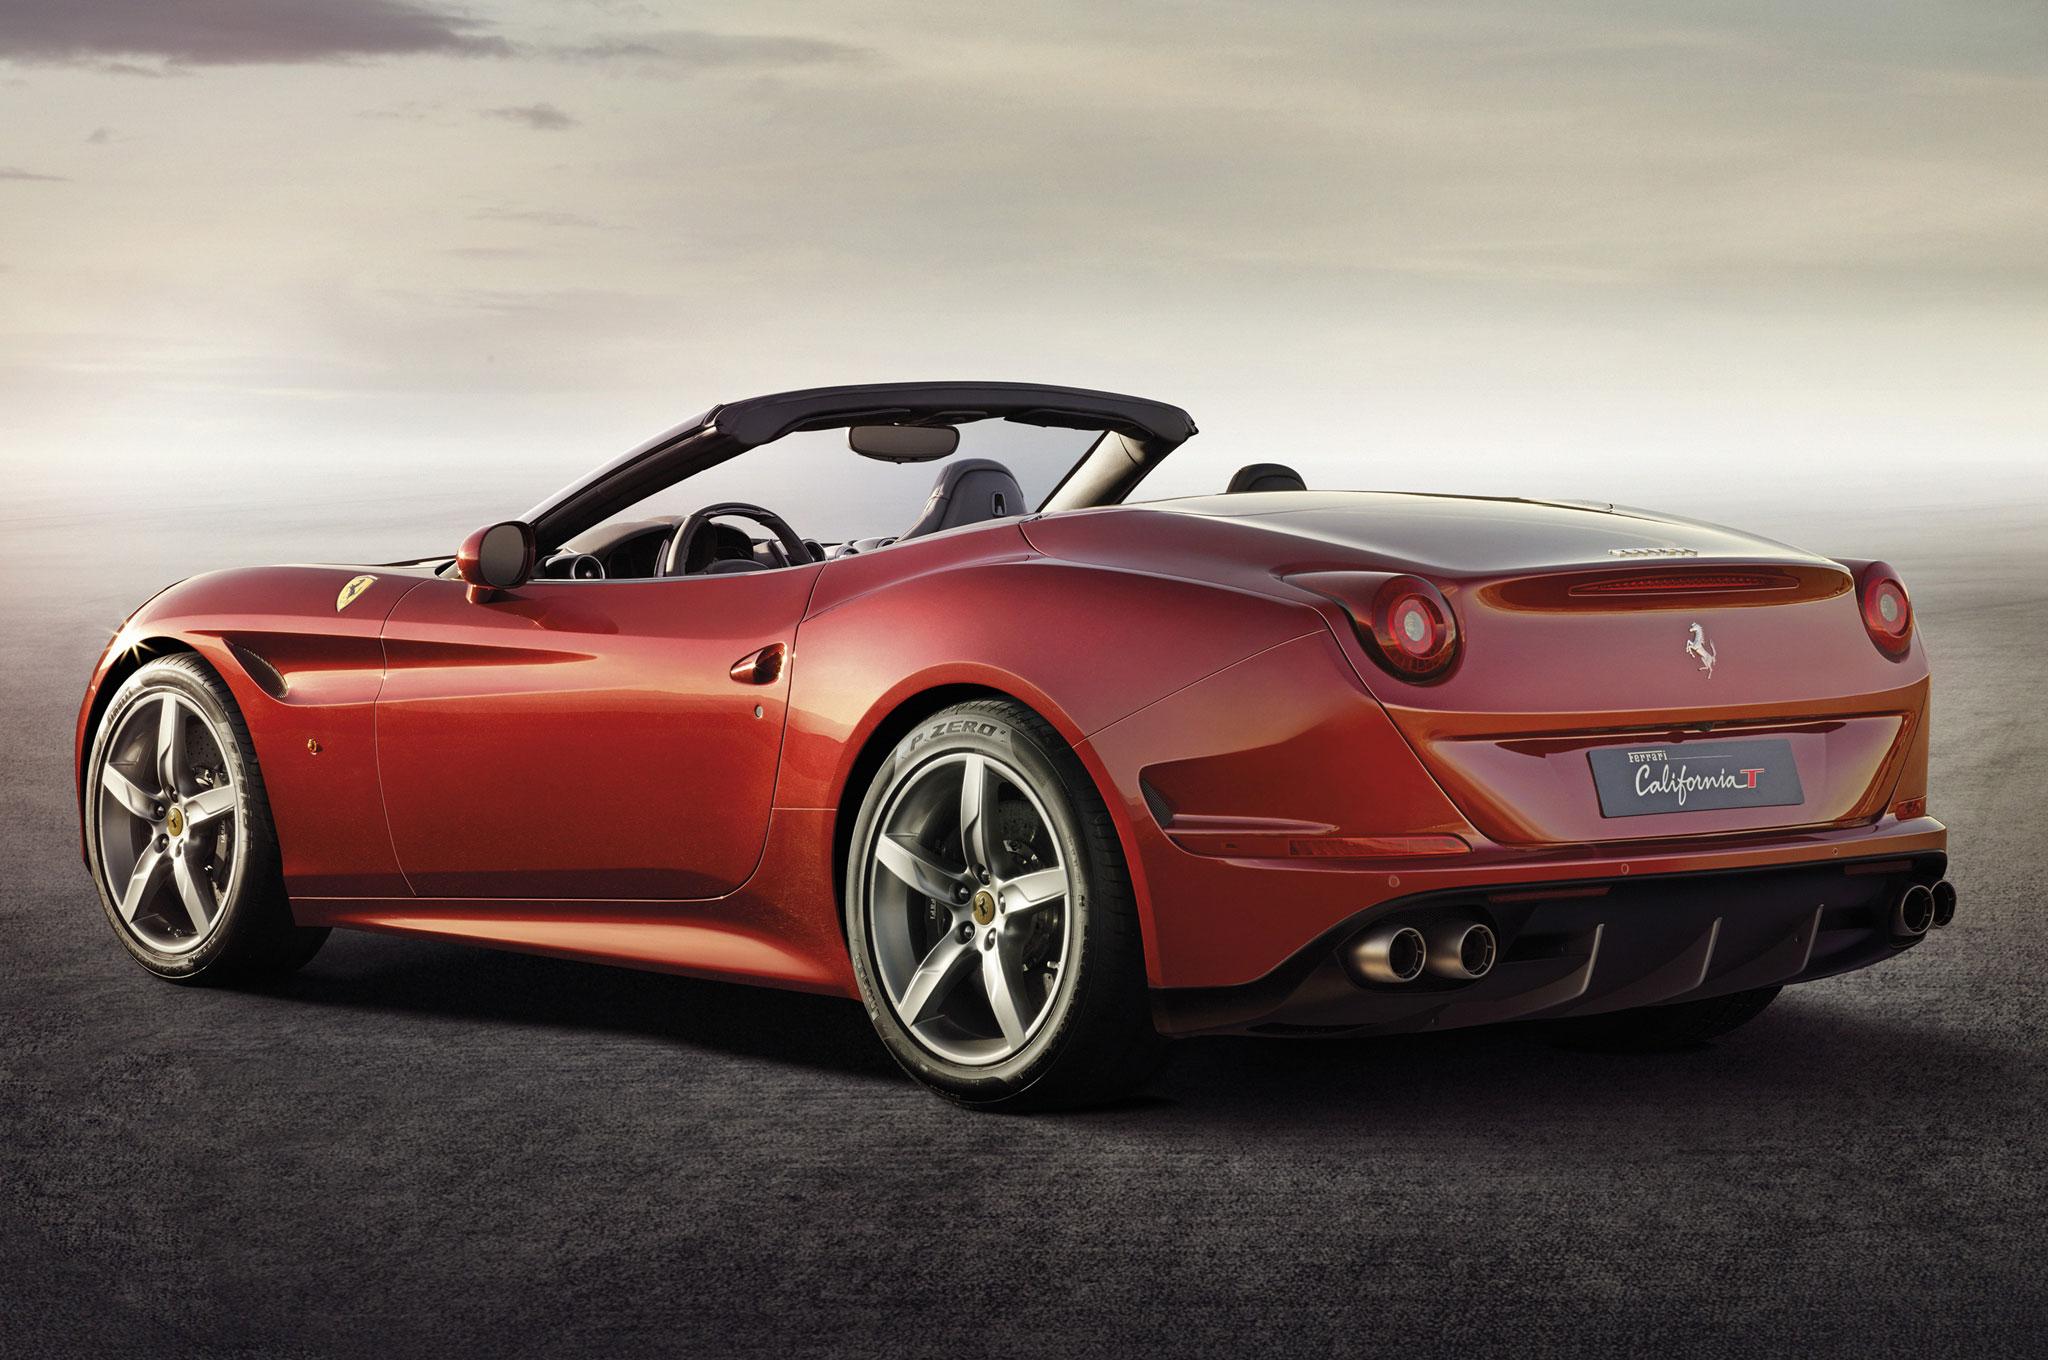 Ferrari California 11 Car Desktop Background